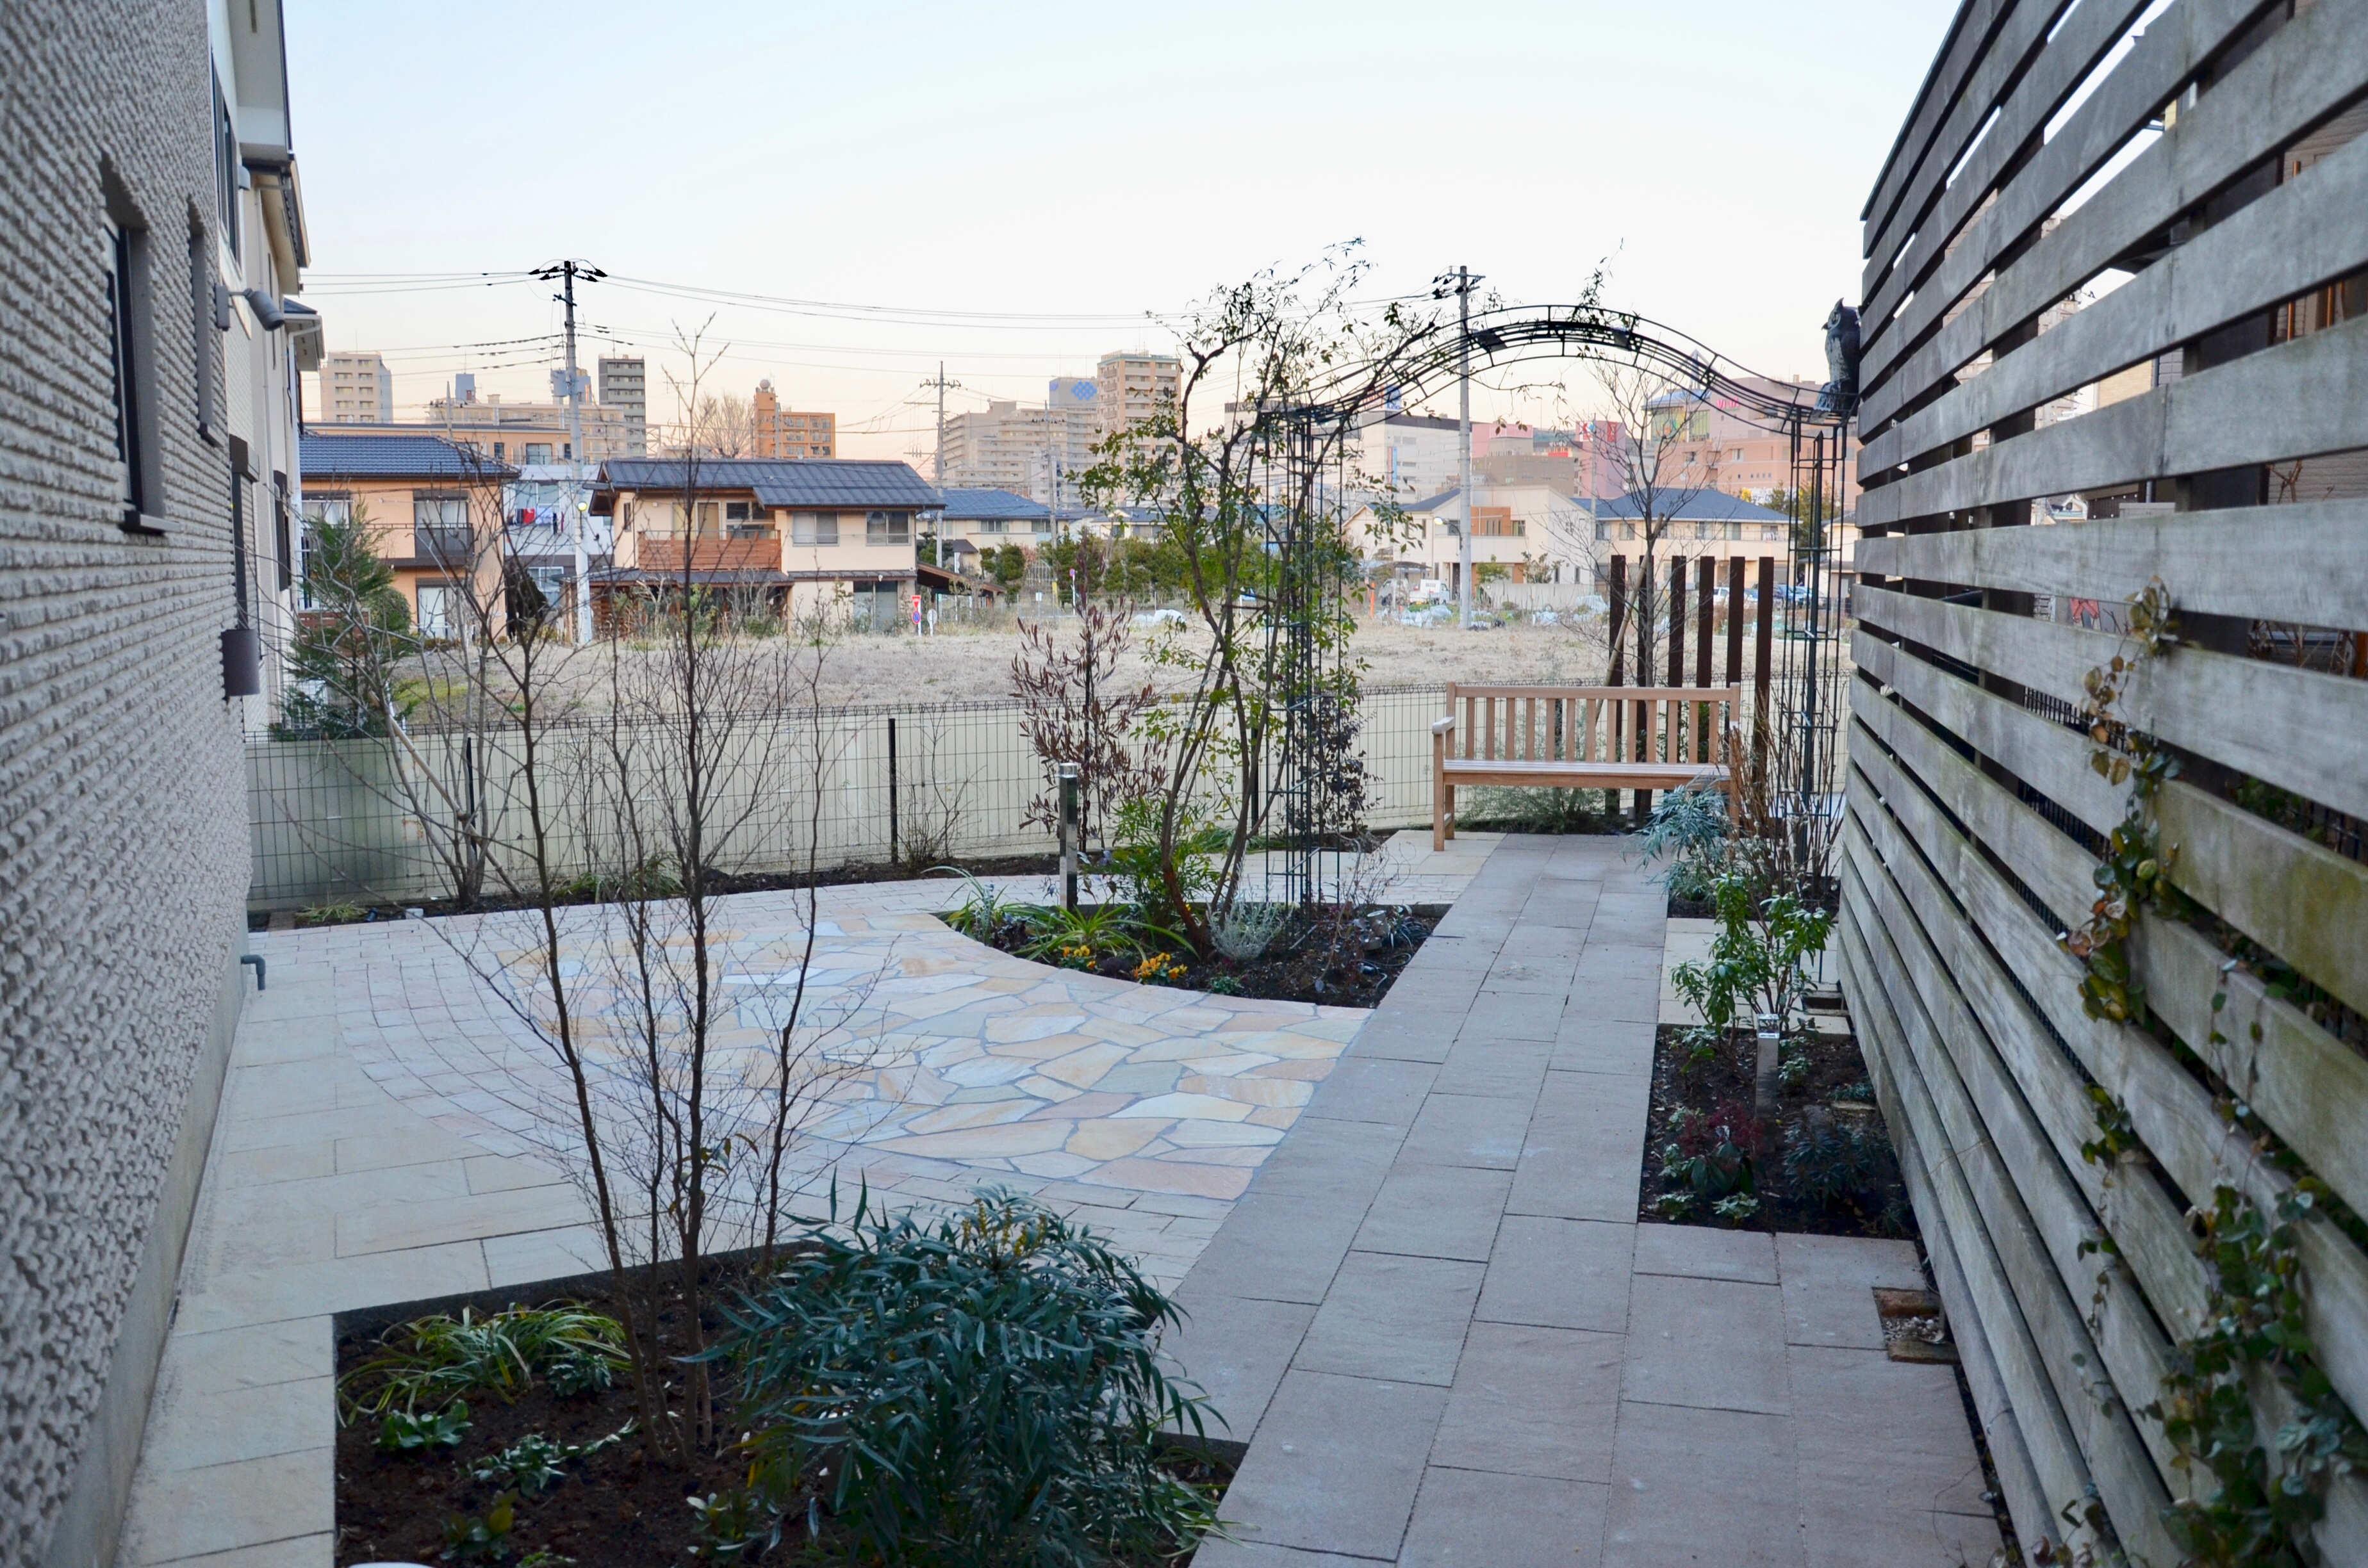 雑草取りや庭木の剪定から解放され、眺めて楽しめるお庭に